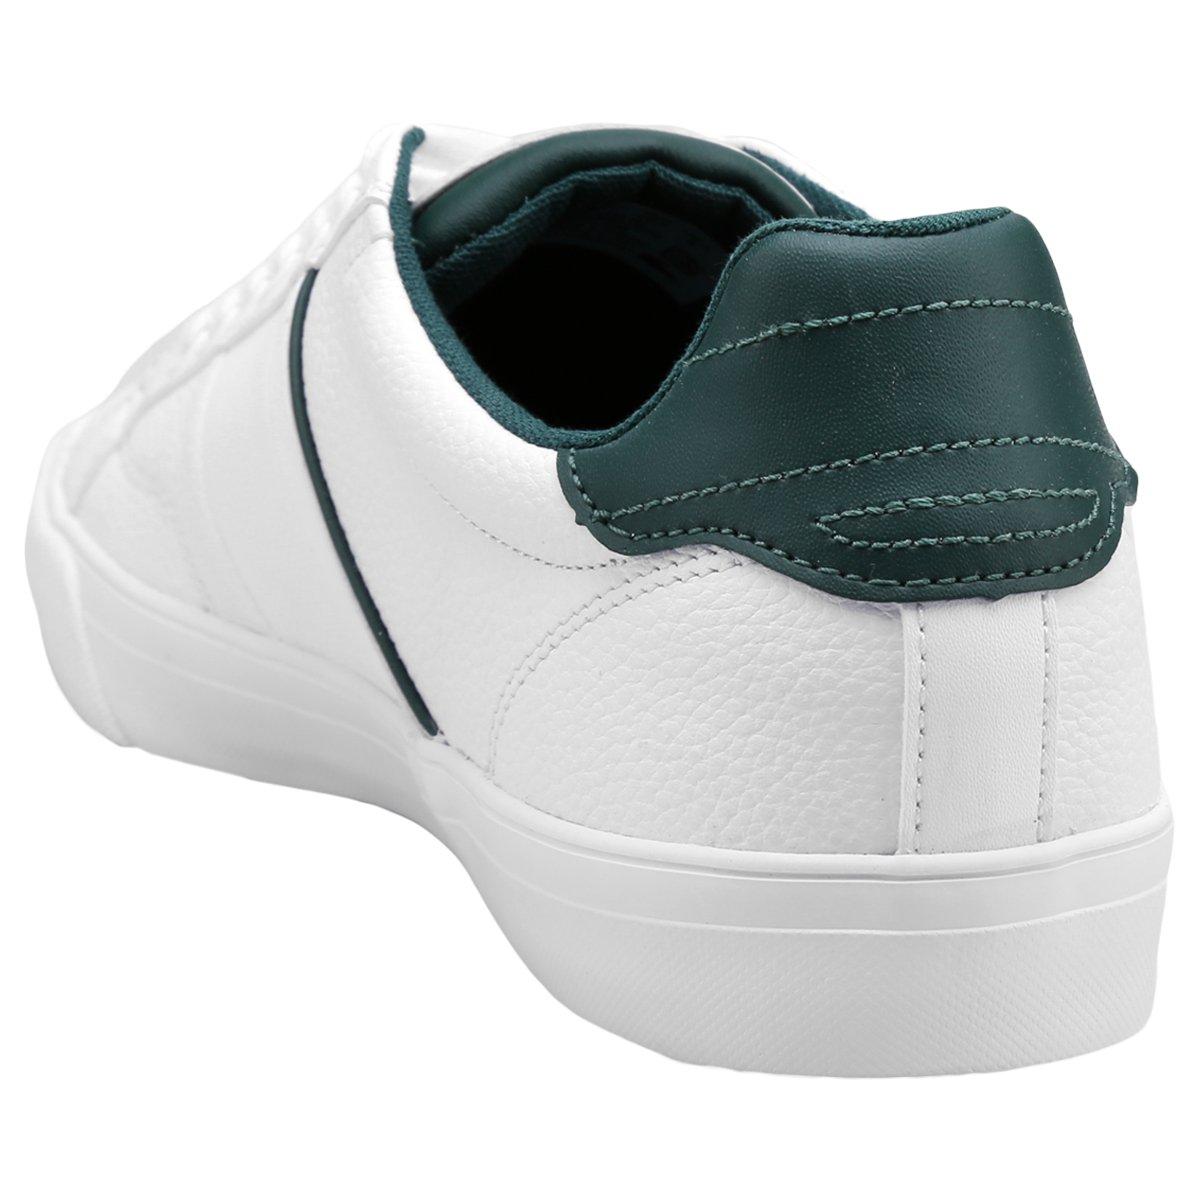 Tênis Lacoste Fairlead Rei - Branco - Compre Agora   Netshoes 23f069bc83